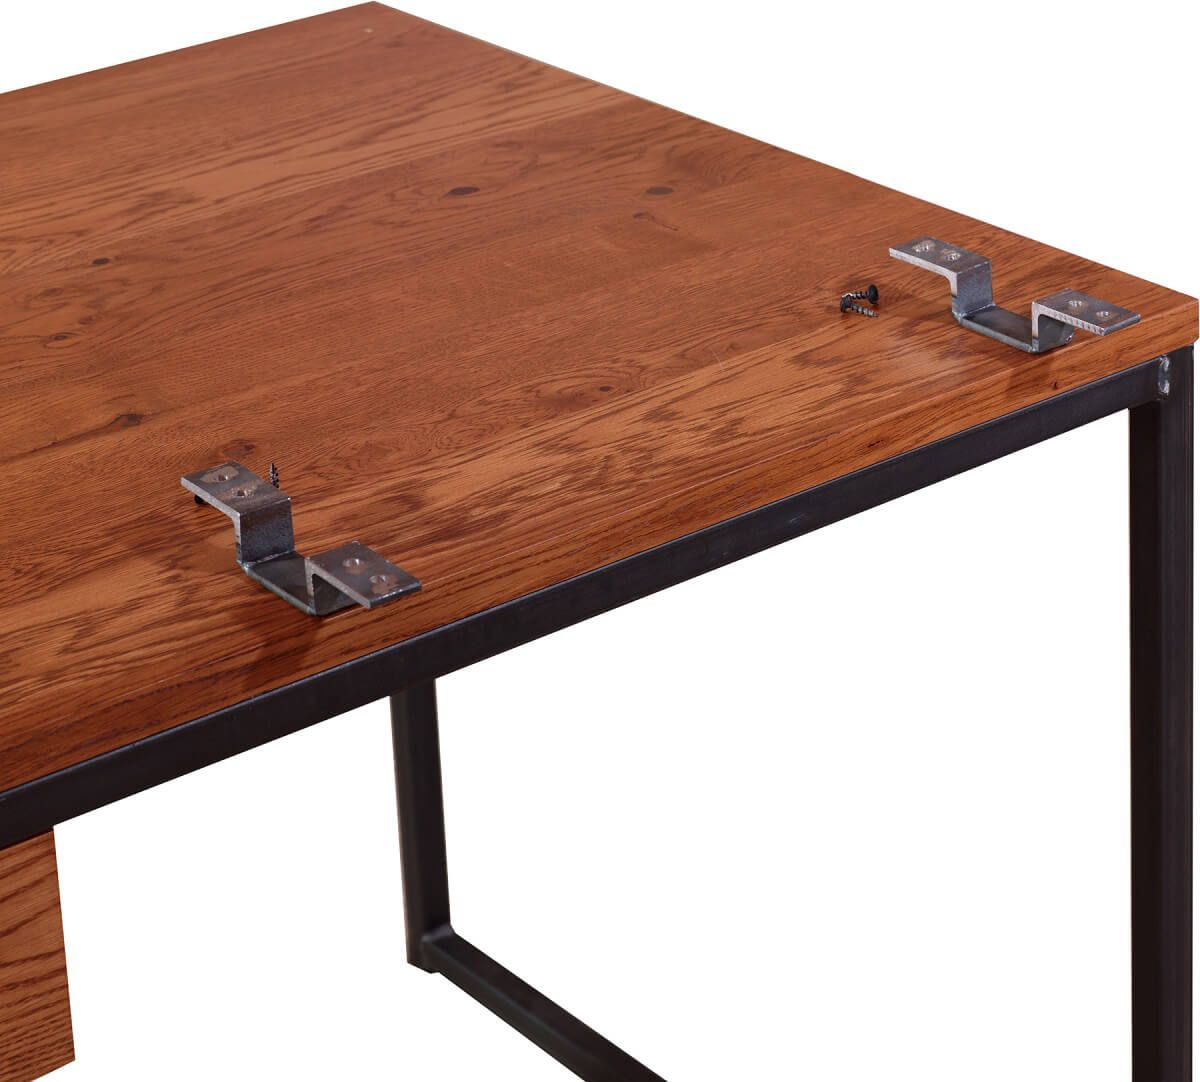 Desk return attachment brackets